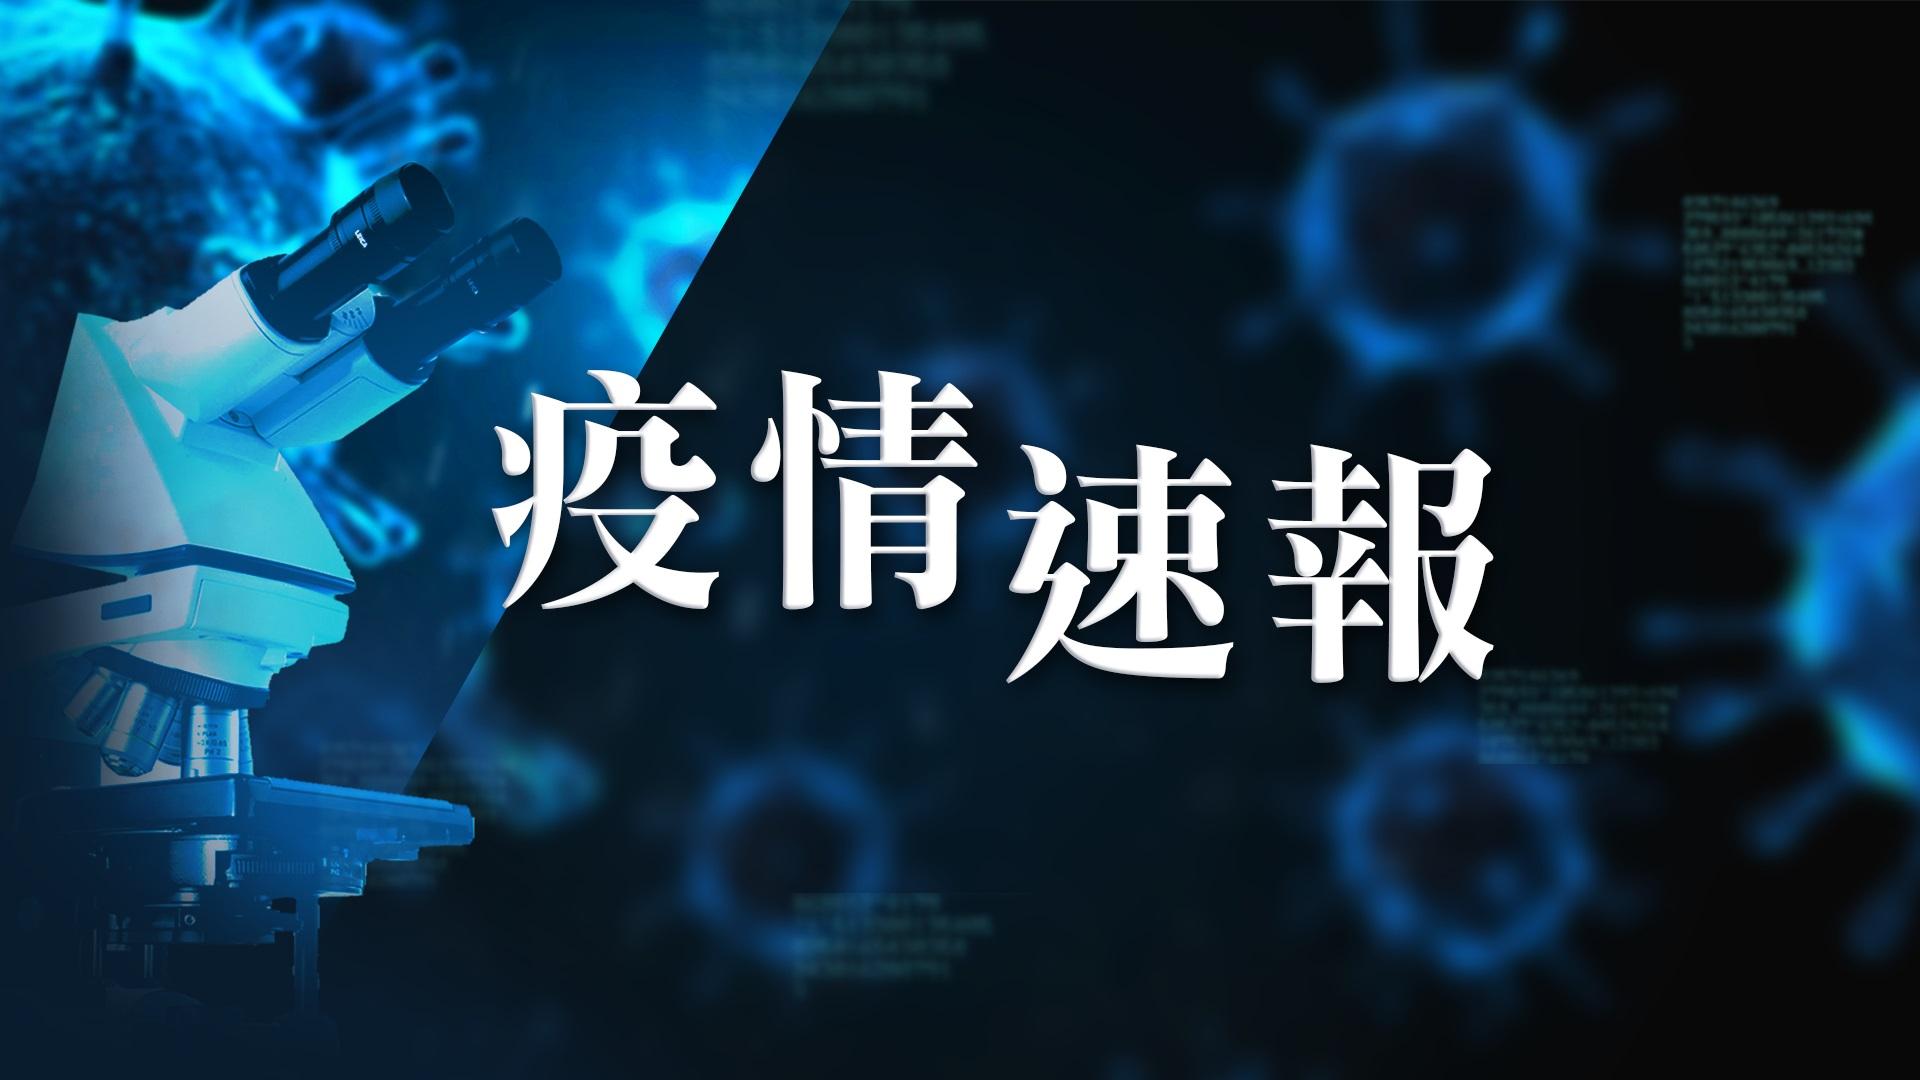 【7月3日疫情速報】(23:00)